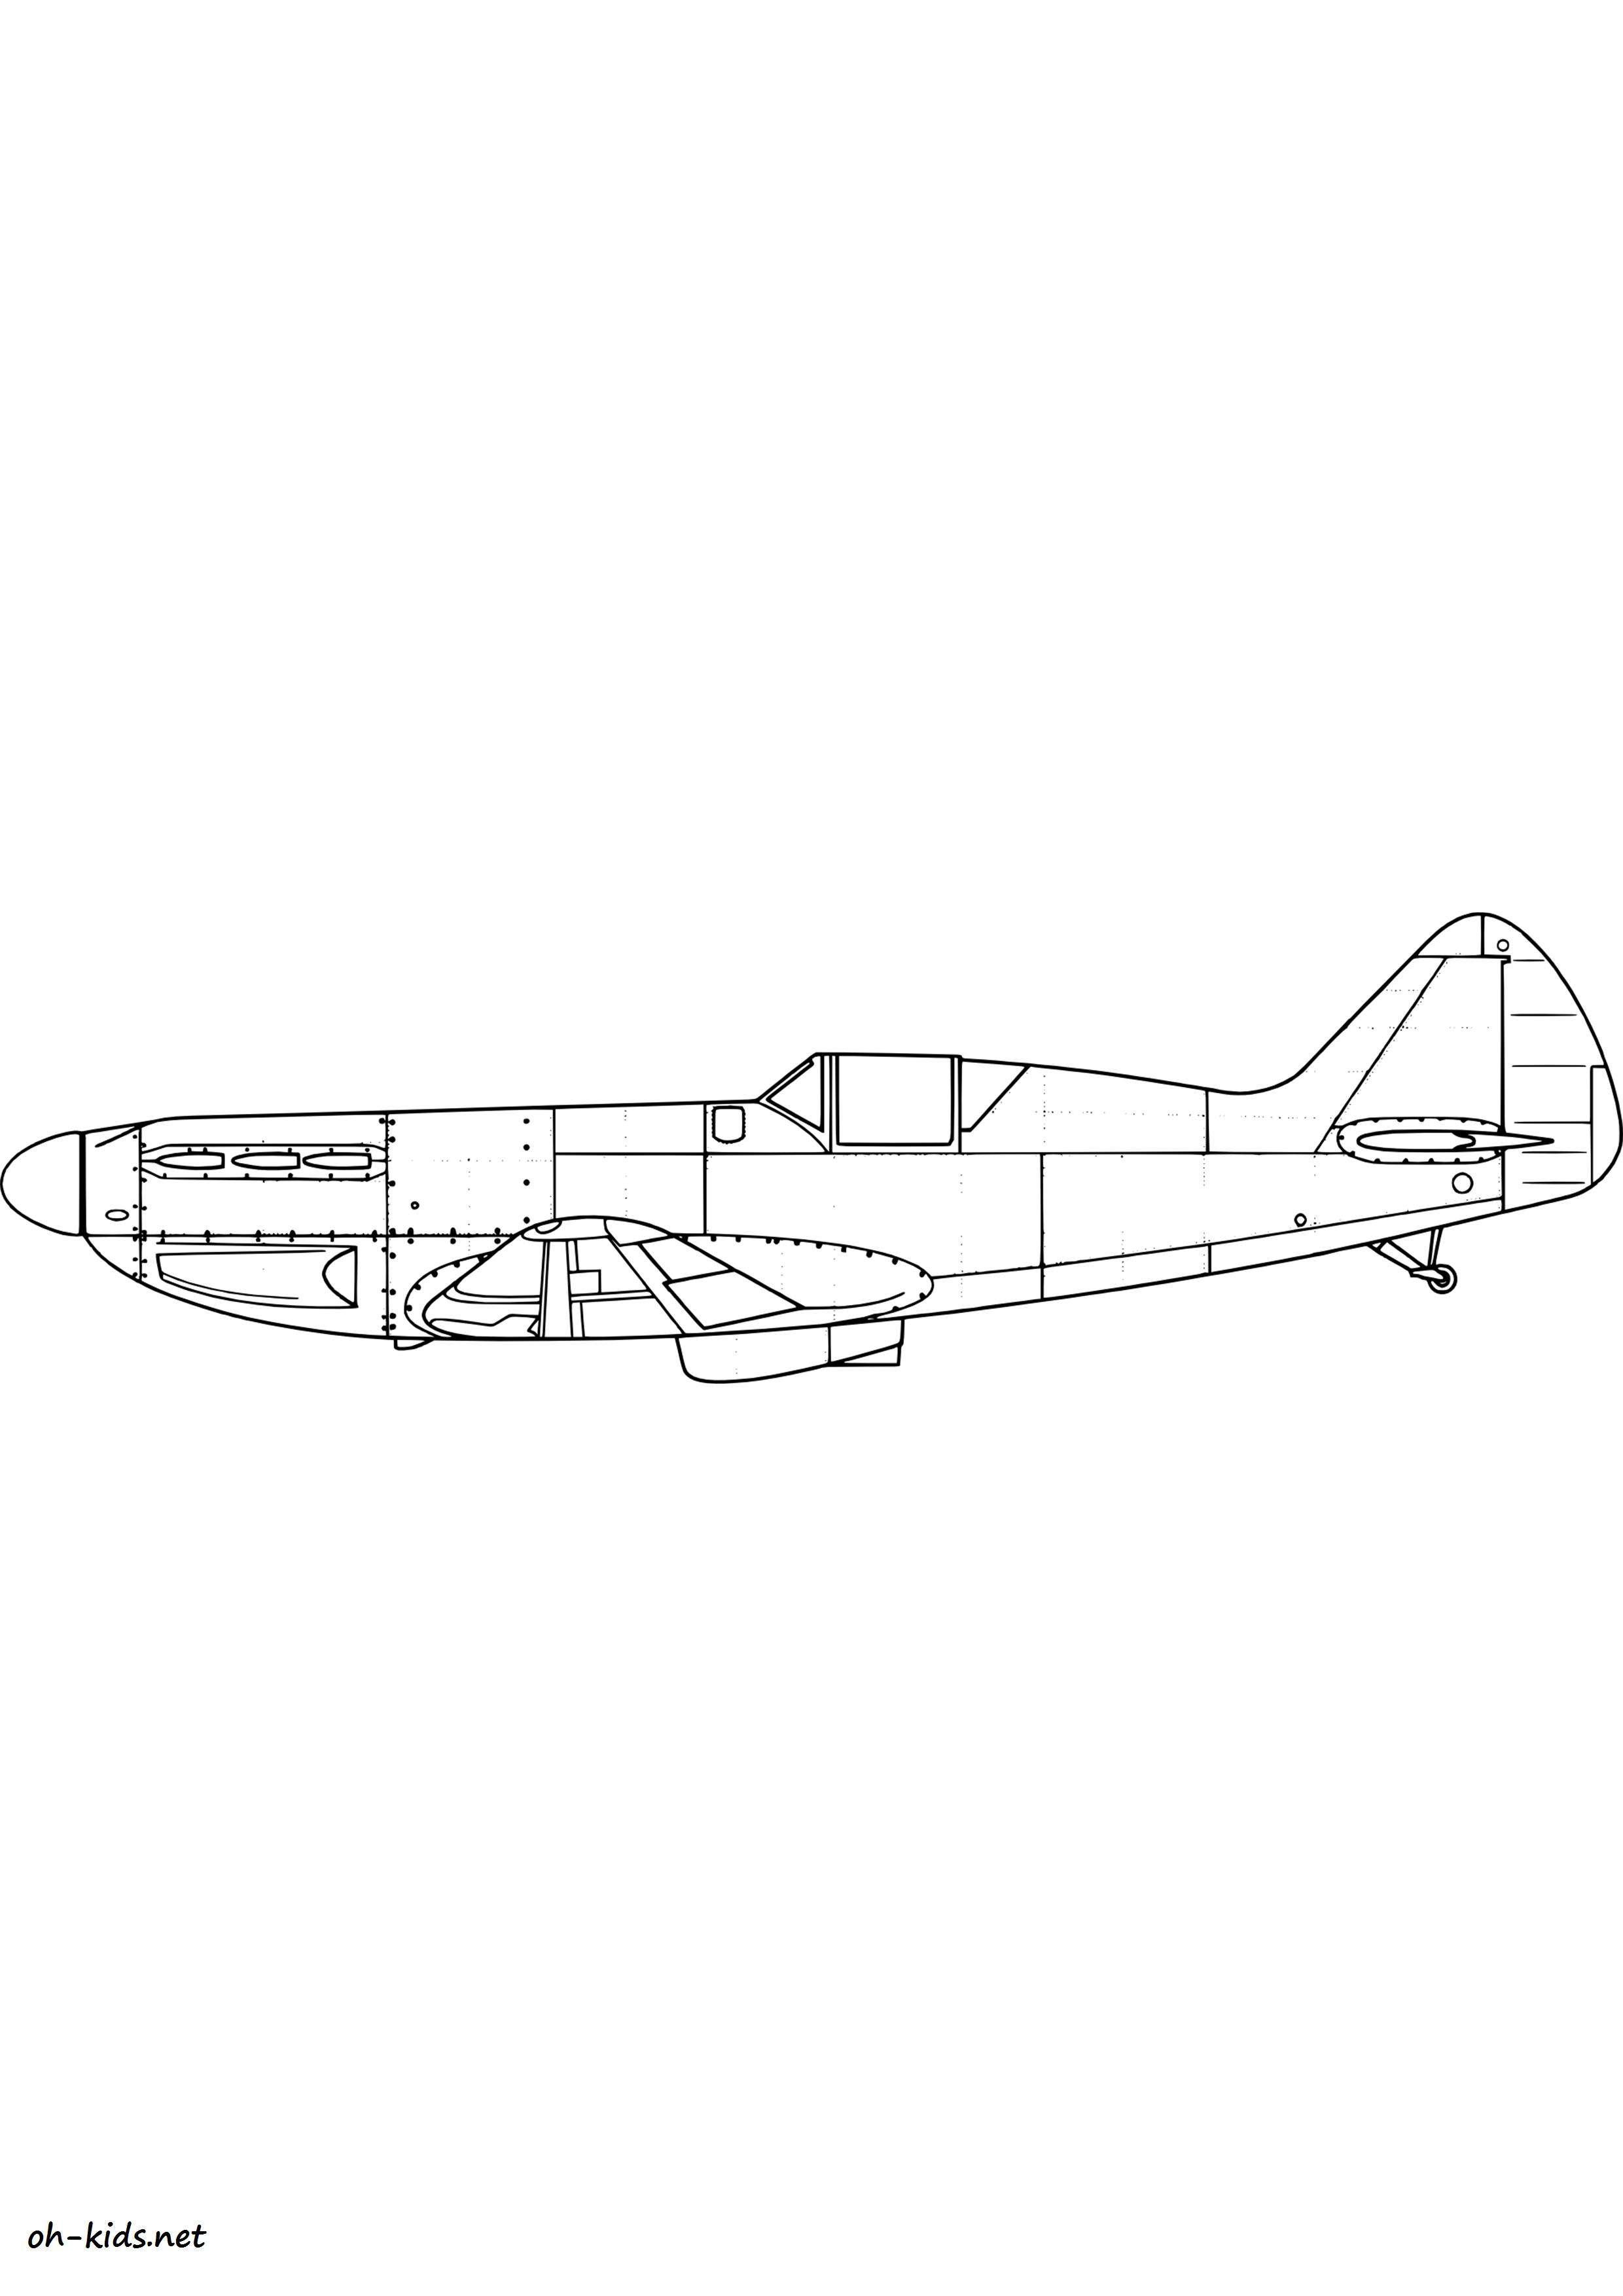 Dessin gratuit avion de chasse à imprimer - Dessin #1437